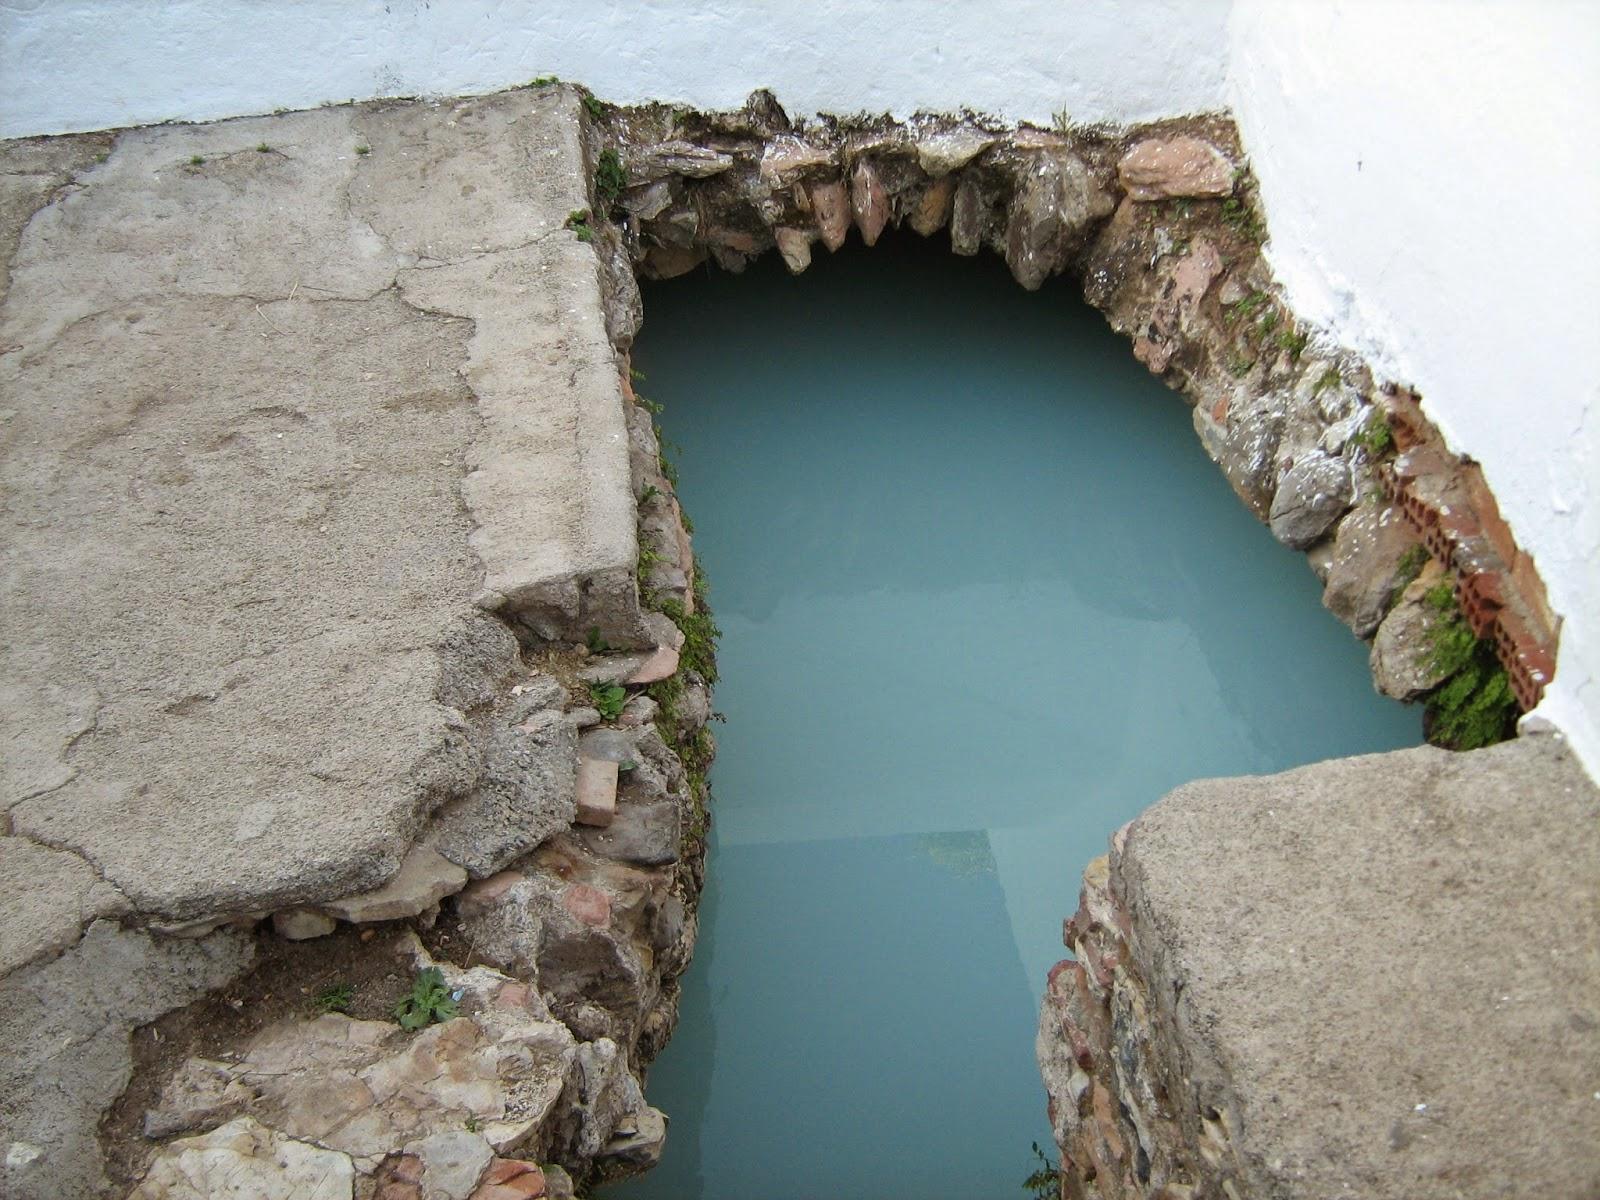 Baños Romanos De Manilva:DE SENDEROS: Canuto de la Utrera-Río Casares-Baños de la Hendionda